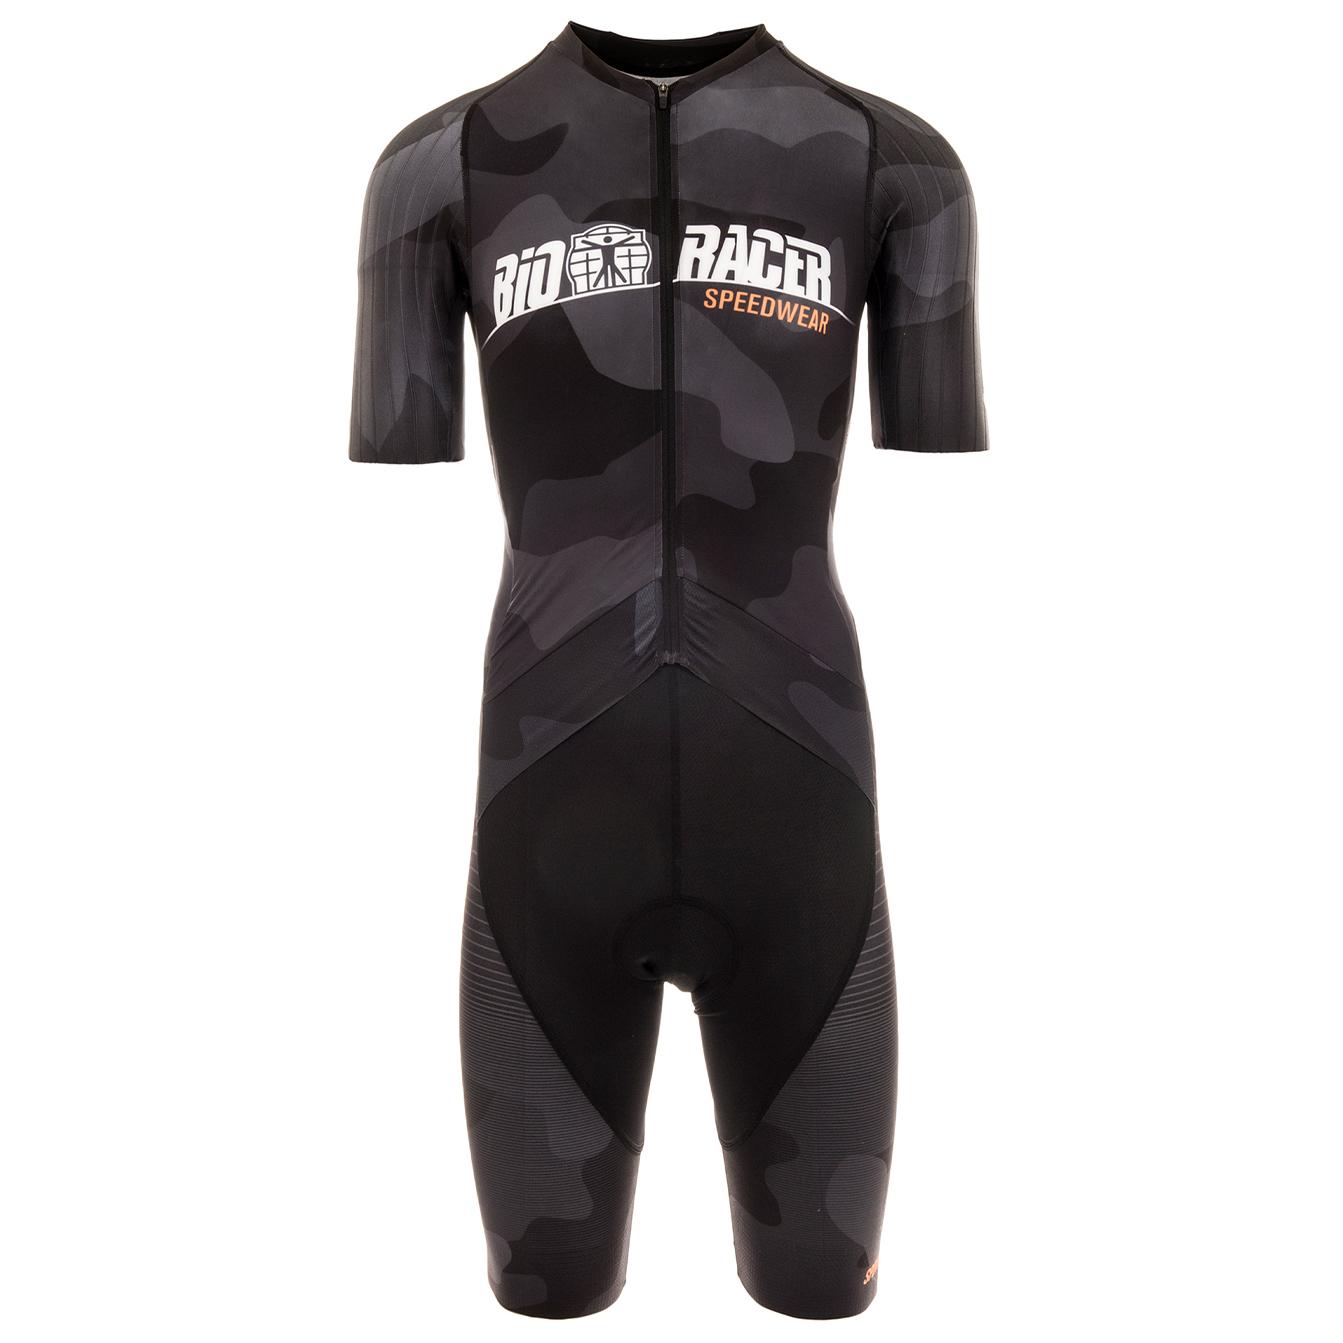 bioracer-speedwear-concept-rr-suit-cycling-skinsuit.jpg